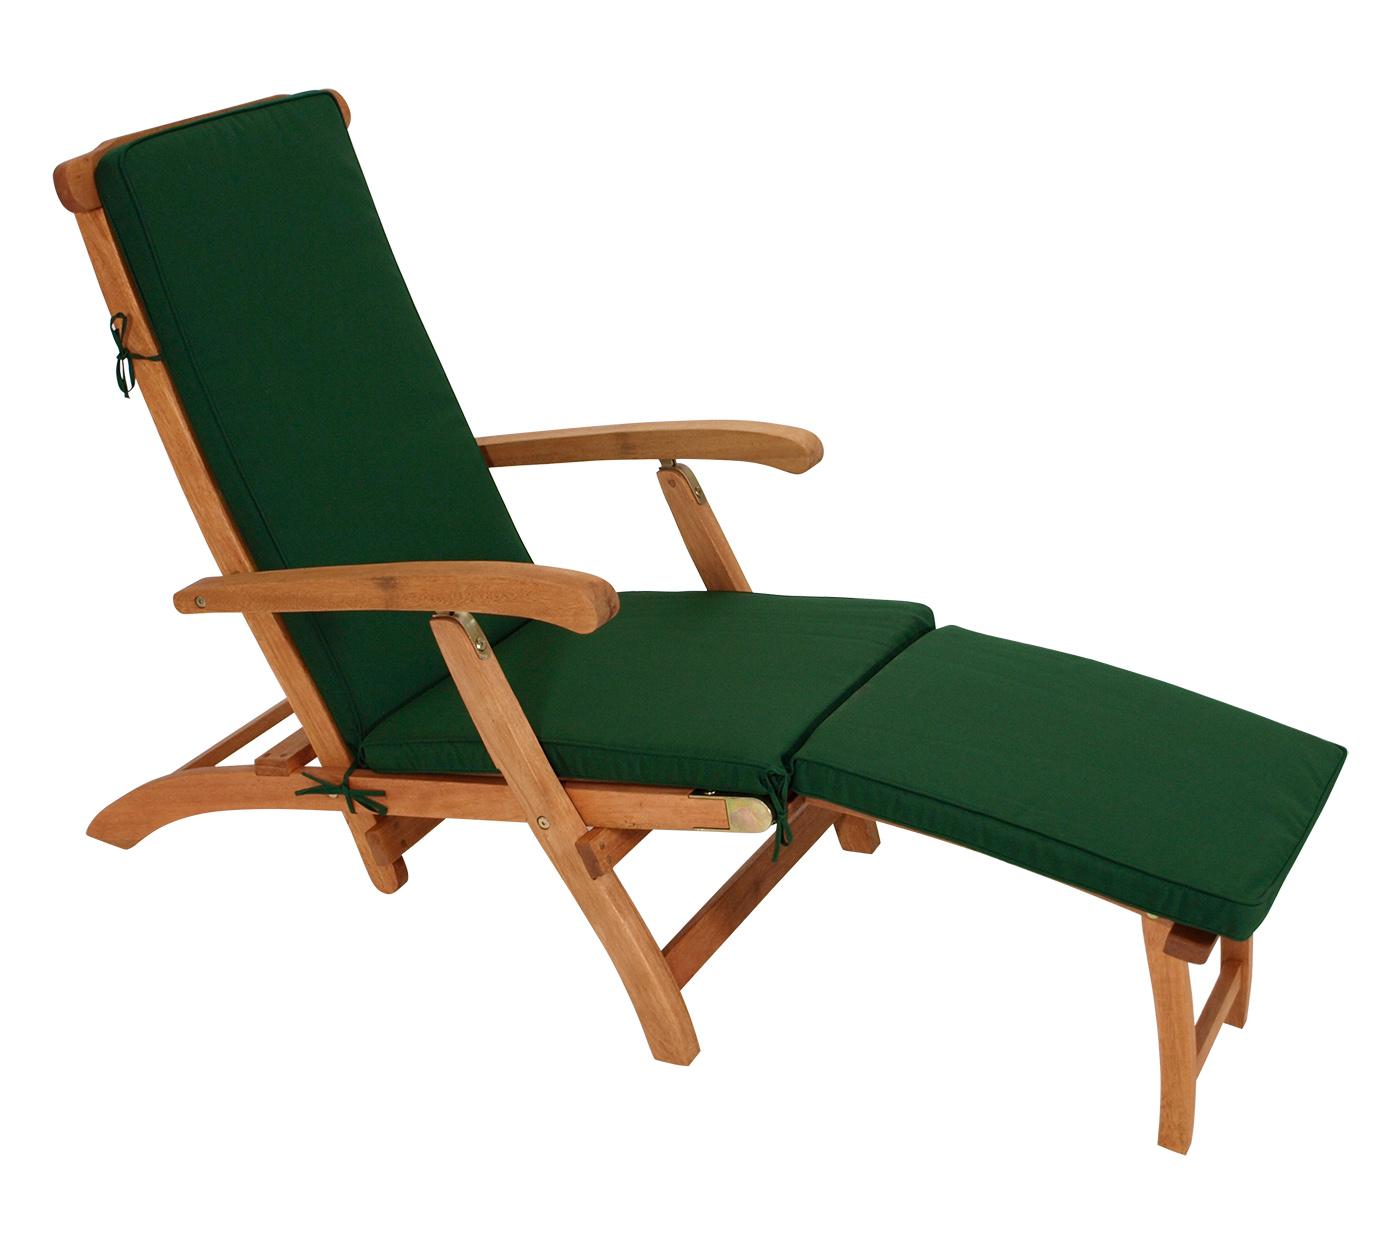 auflage liegestuhl deckchair polster deckchairauflage. Black Bedroom Furniture Sets. Home Design Ideas